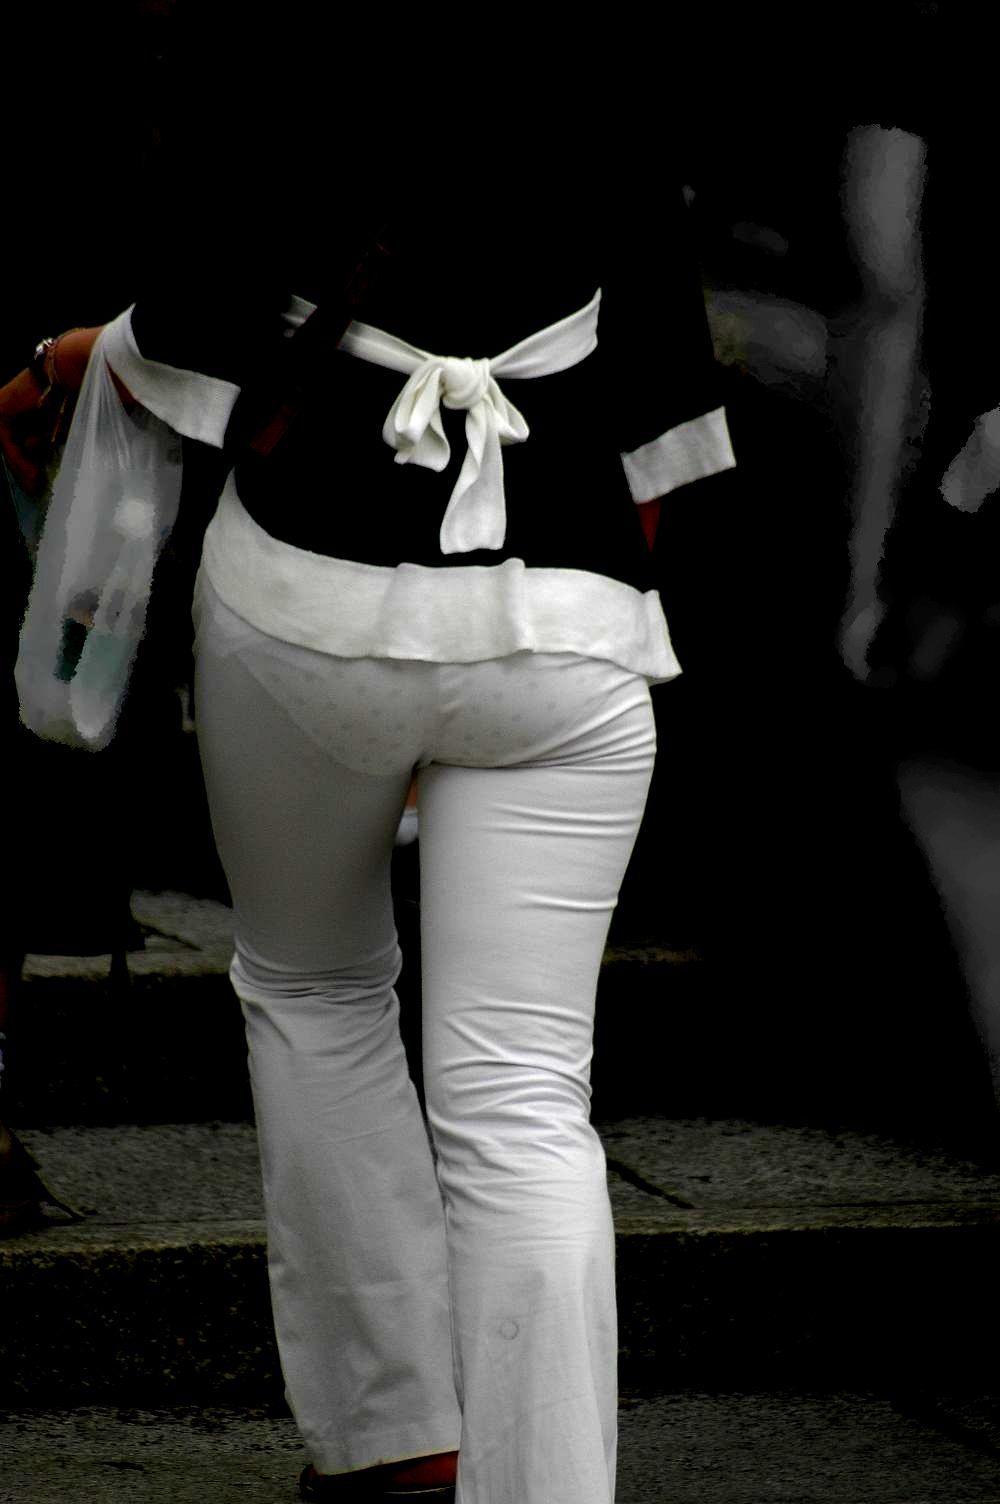 パンツが透けて見えている素人さん (5)